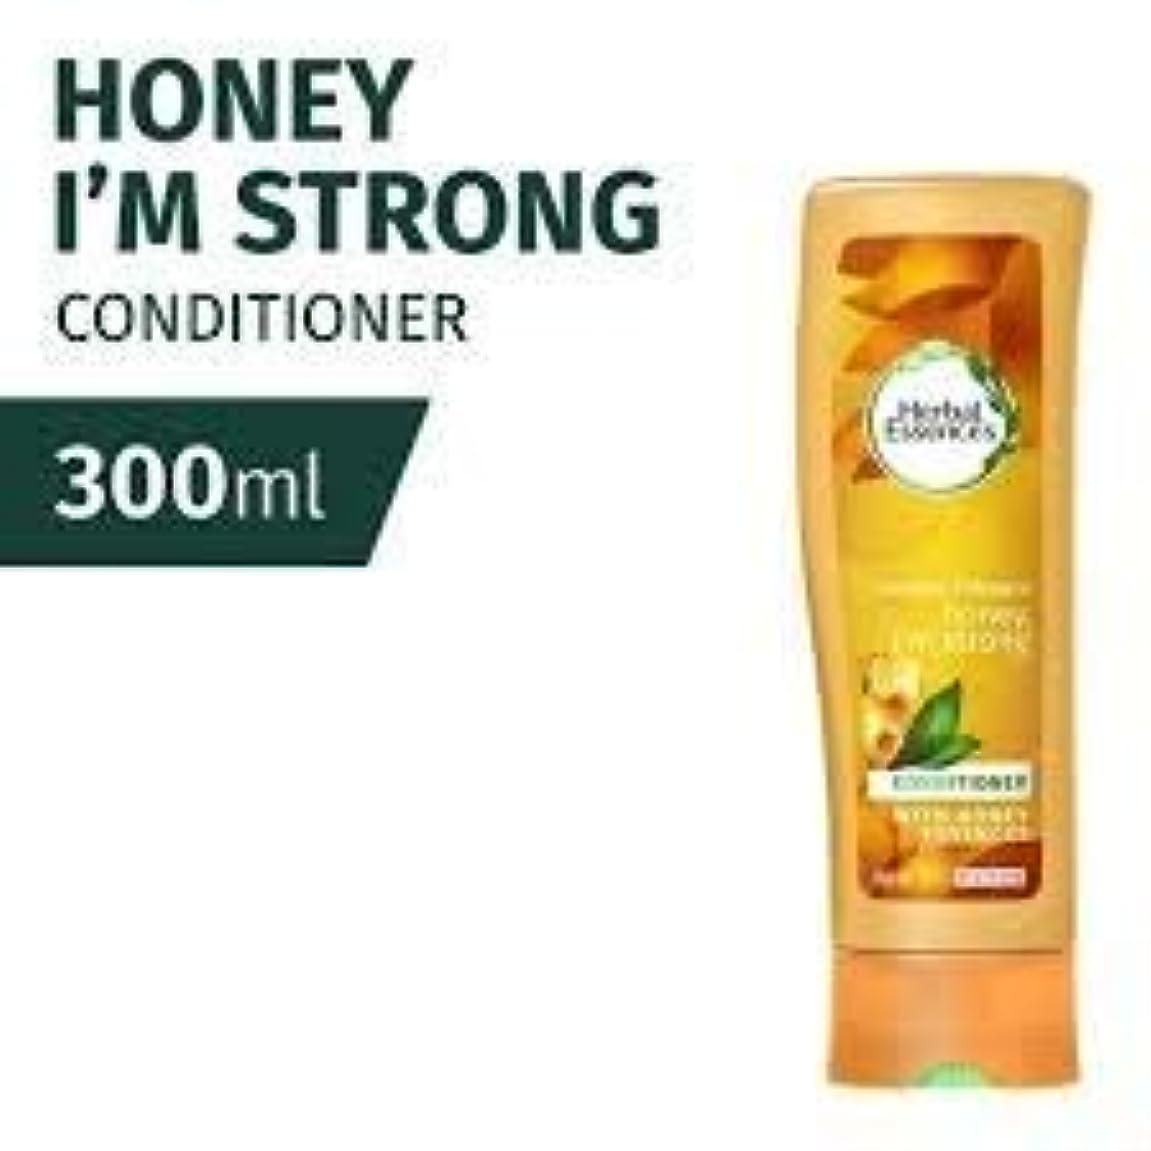 旅メカニック好意CLAIROL HERBAL ESSENCES ハニーは、私は強いコンディショナー300ミリリットルのだ - それを甘いパワーを与えて、蜂蜜の風味が豊かでクリーミーな風味は保湿が髪を修復混合して